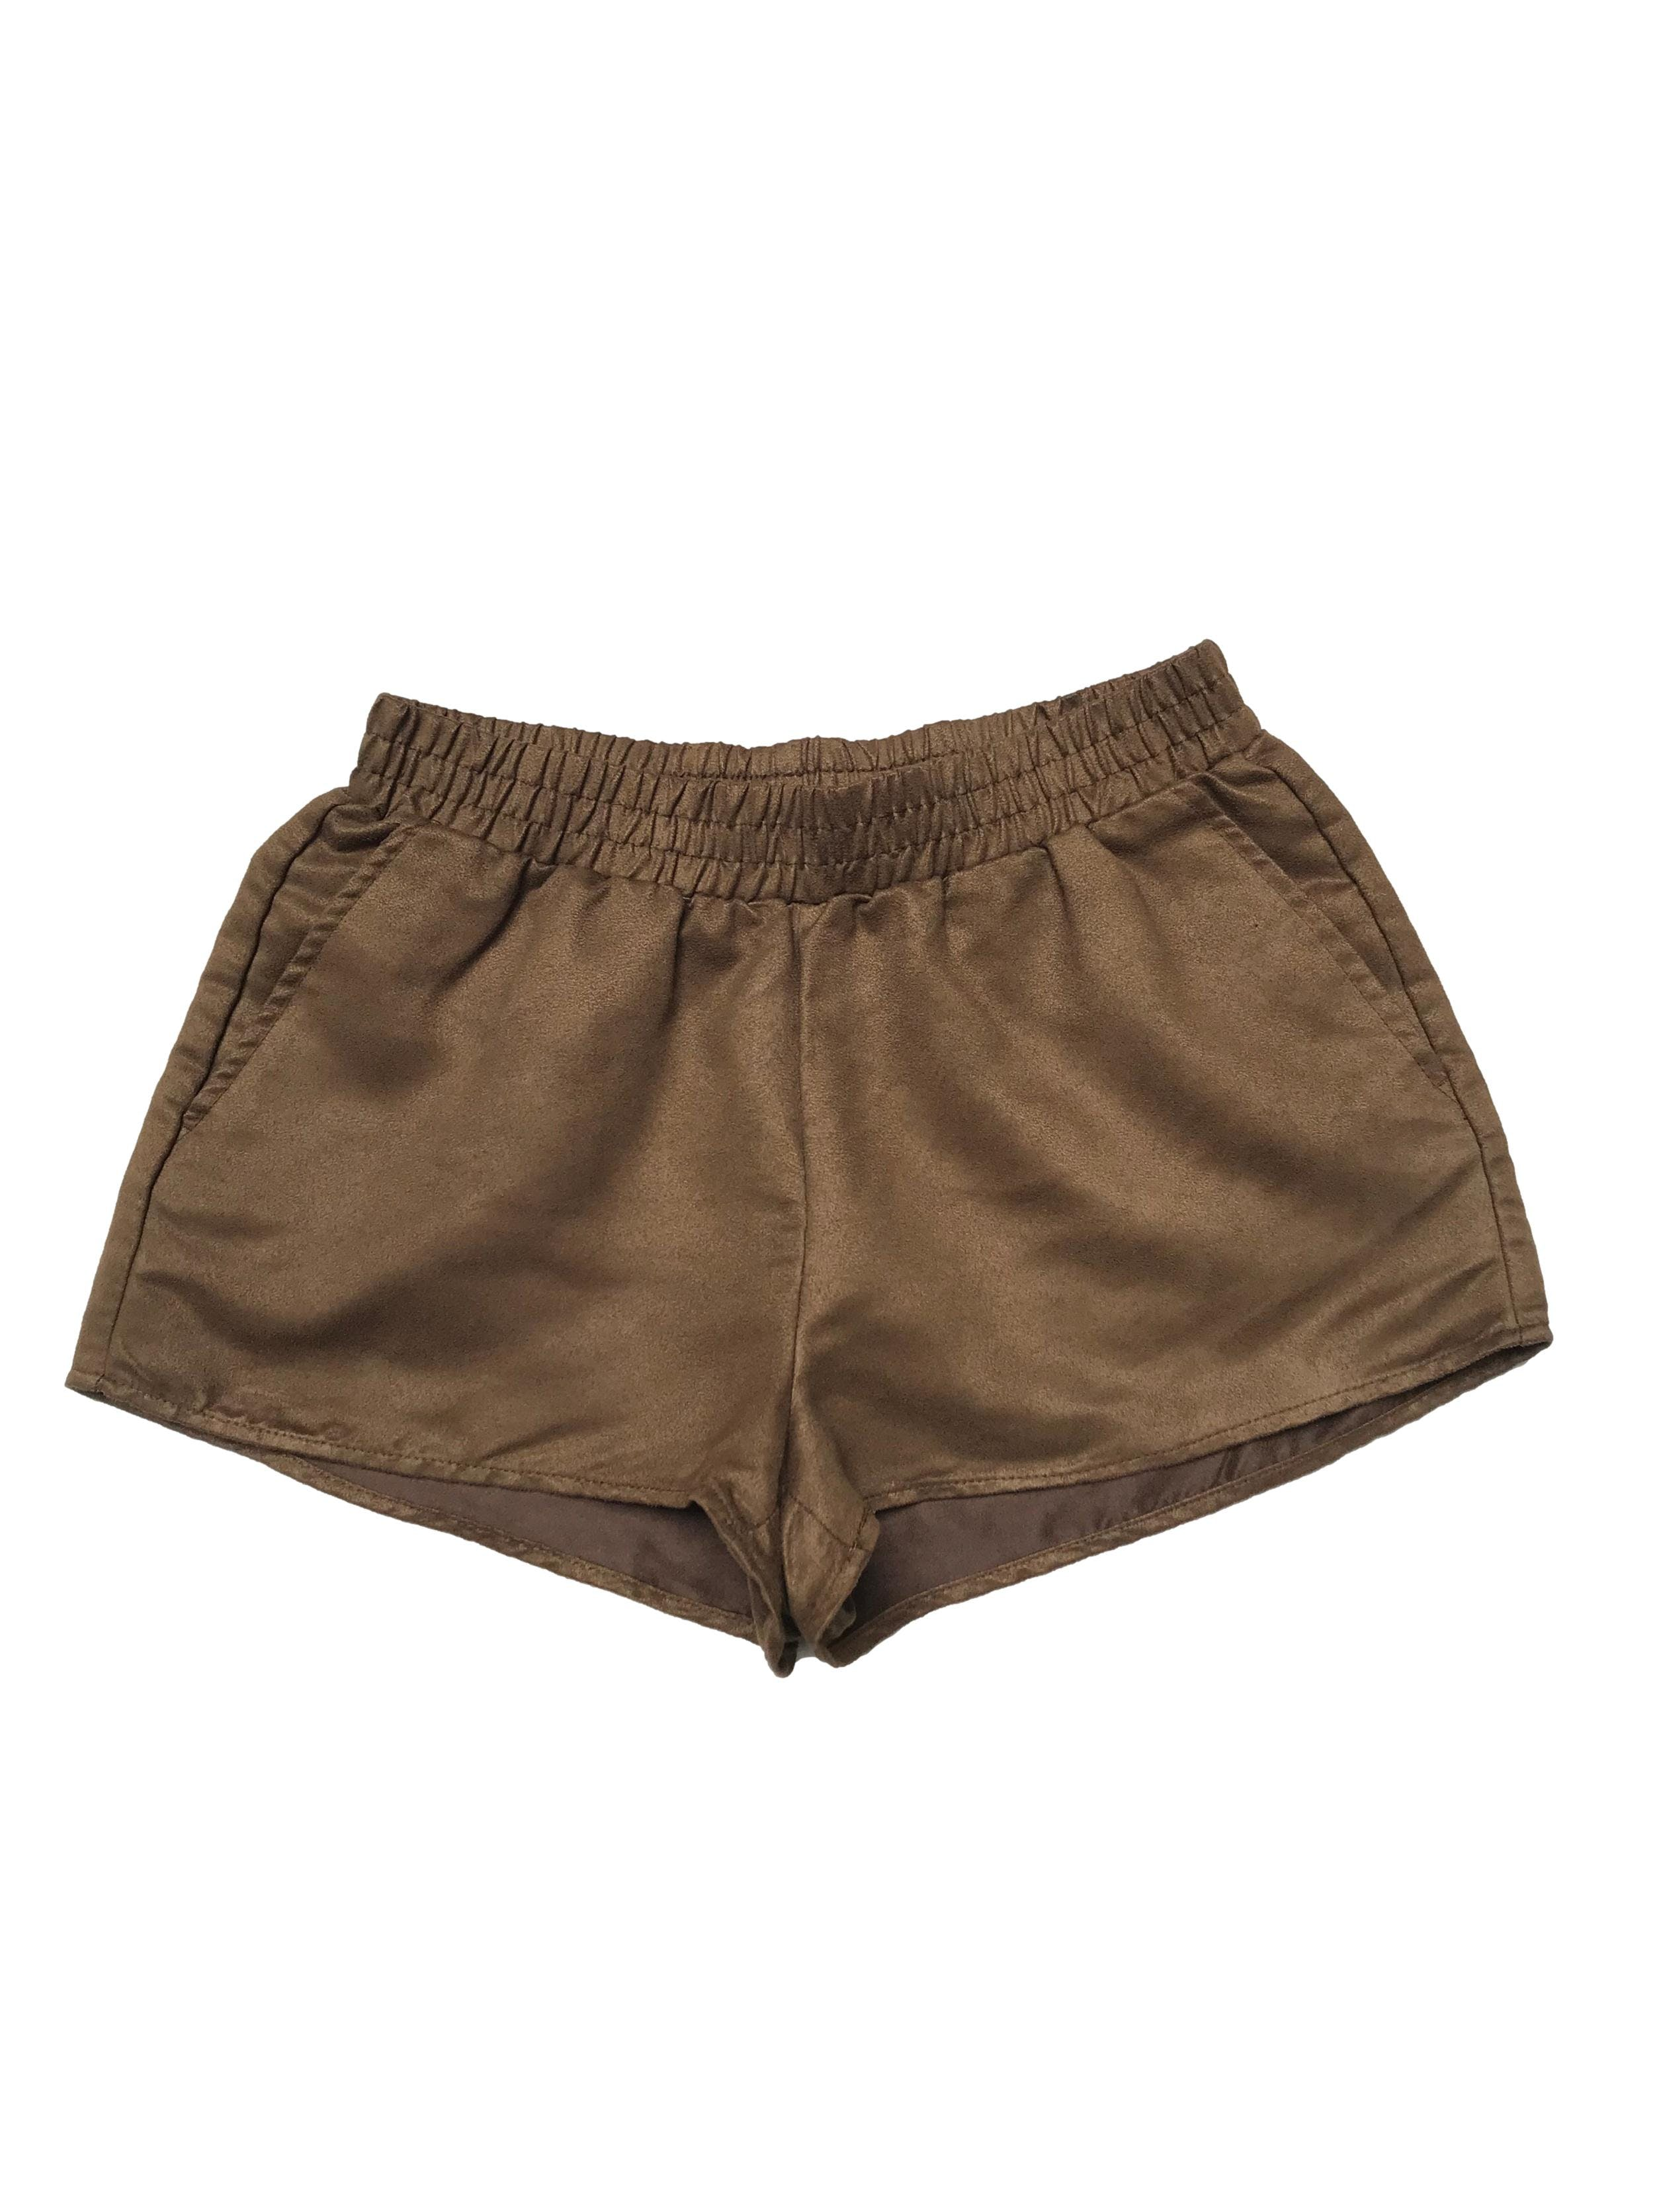 Short H&M textura piel de durazno verde olivo, con pretina elástica y bolsillos laterales. Pretina 66cm sin estirar Largo 28cm